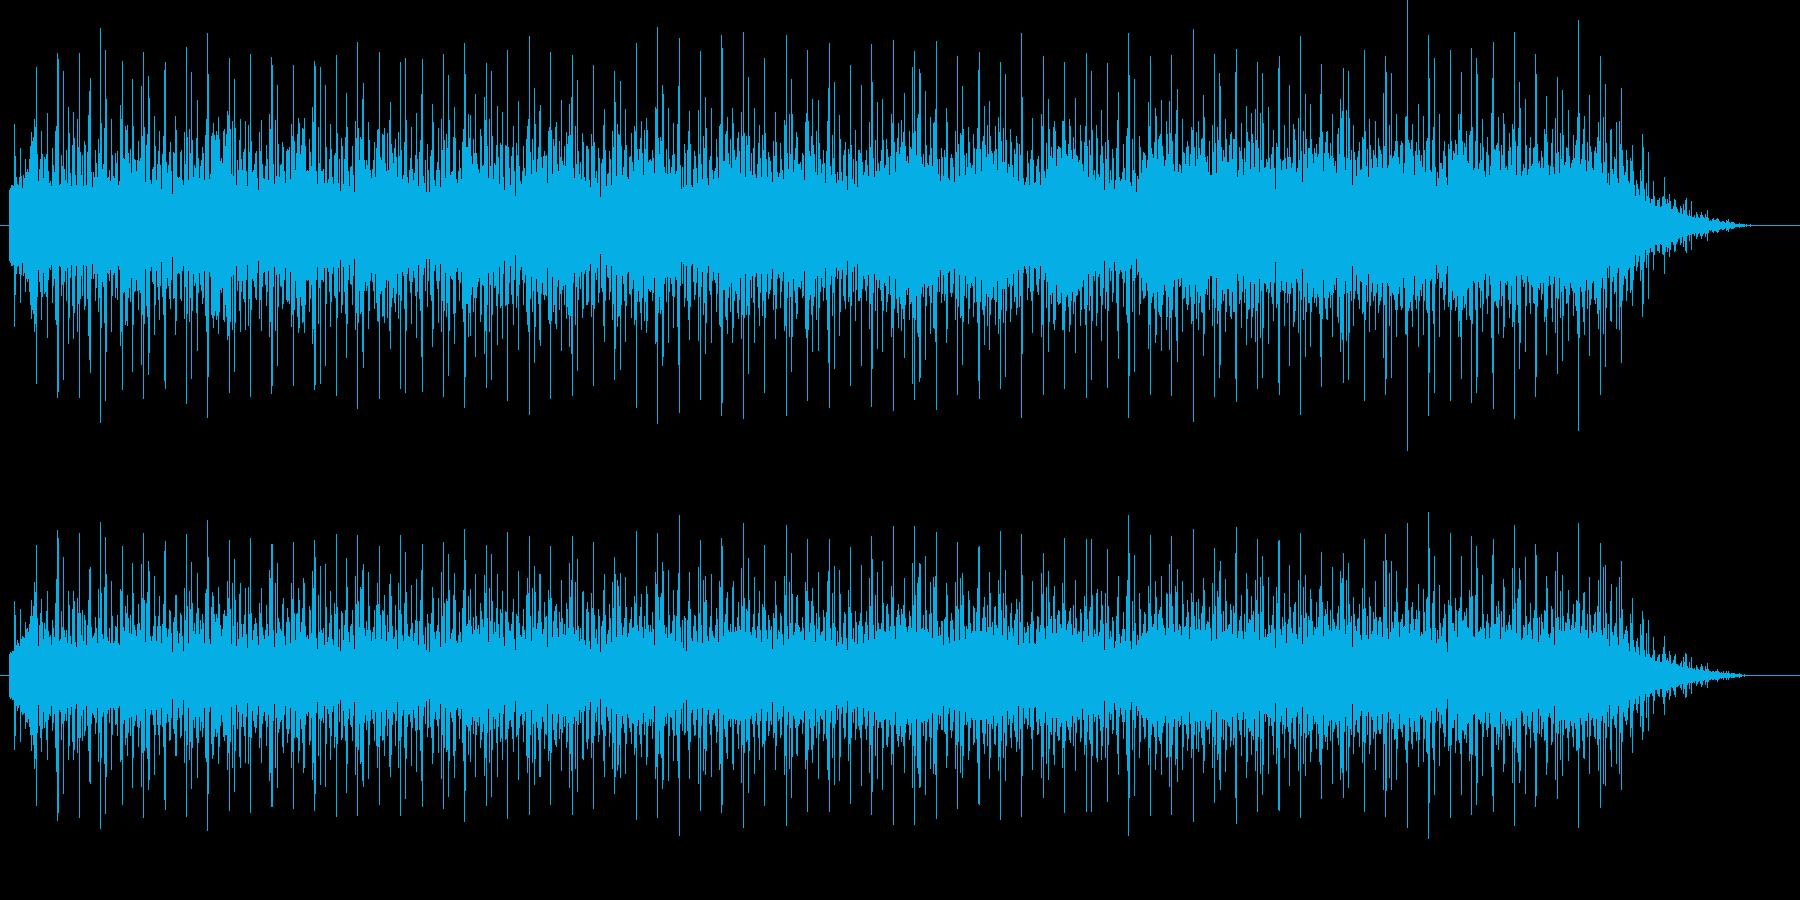 エレキギターがクールでハードなファンクの再生済みの波形